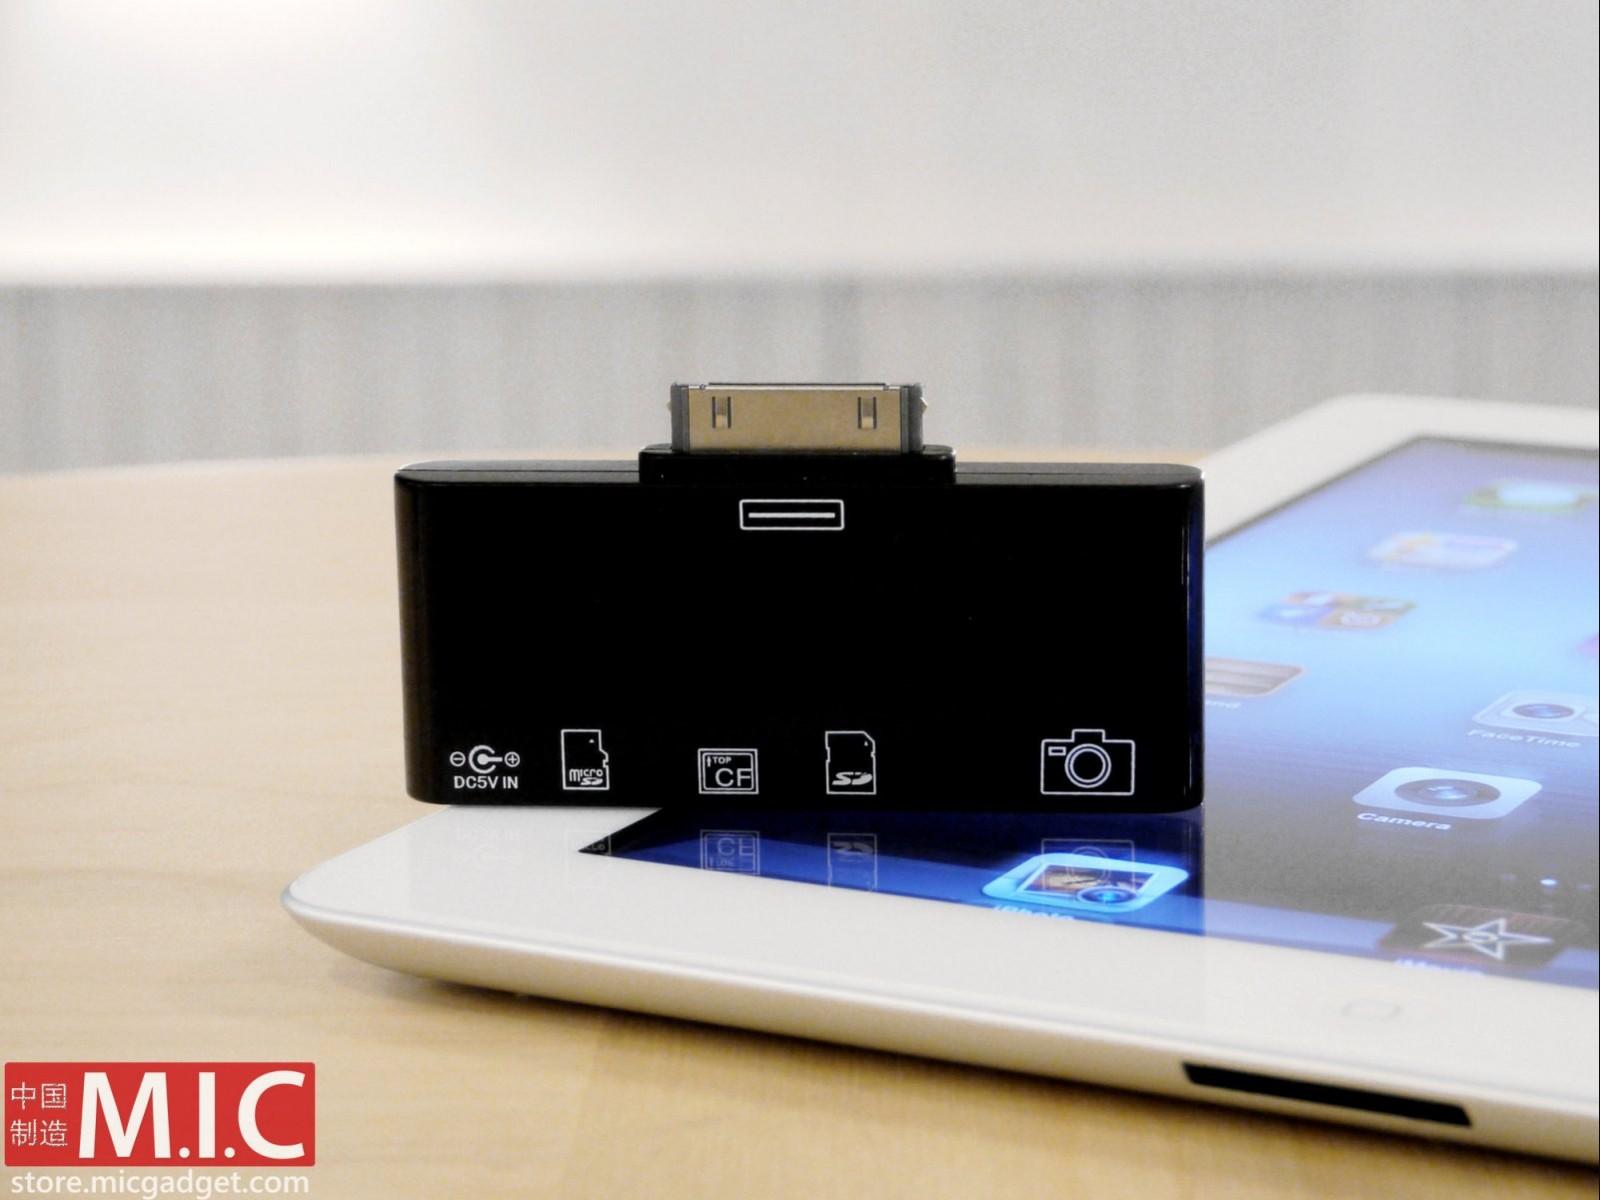 M.I.C Gadget lanseaza un card-reader pentru noul iPad